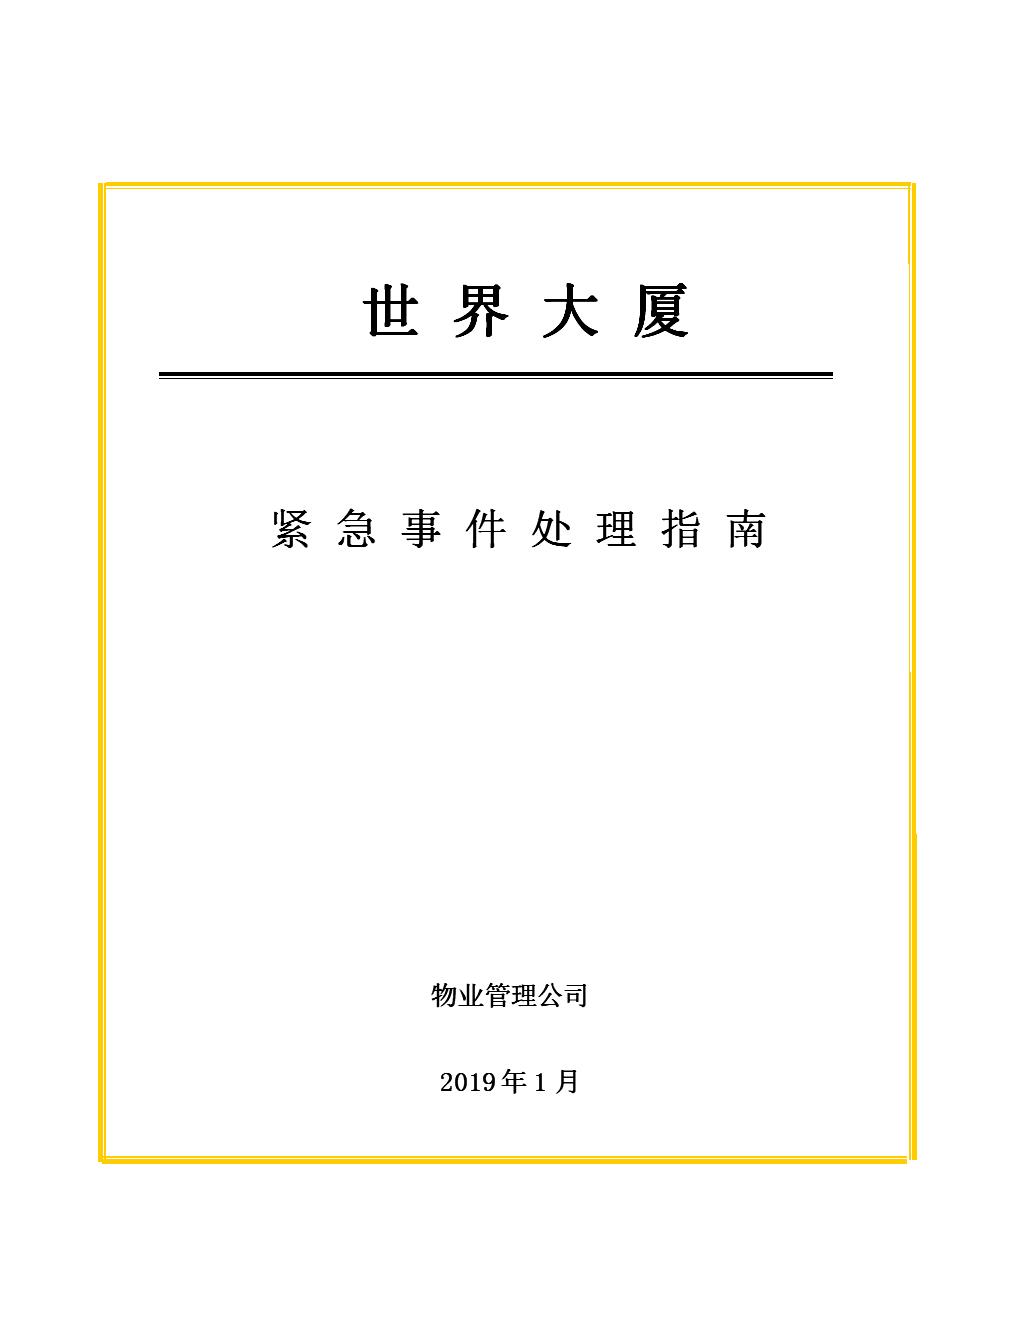 2019年物业管理应急事故处理指南.doc